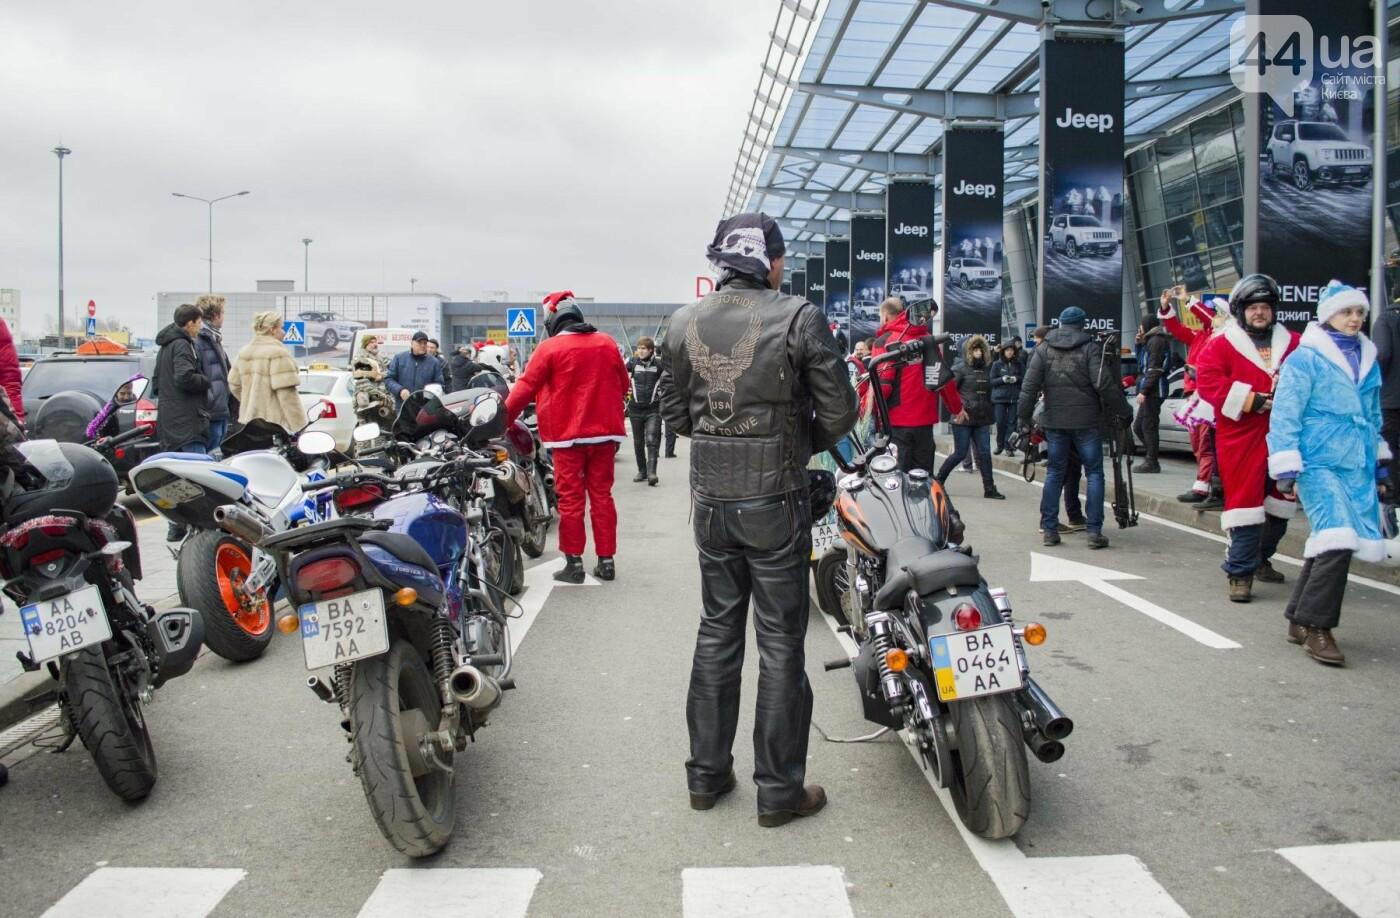 В Киеве брутальные байкеры в костюмах Санта-Клаусов устроили масштабный мотопробег (ФОТО), фото-3